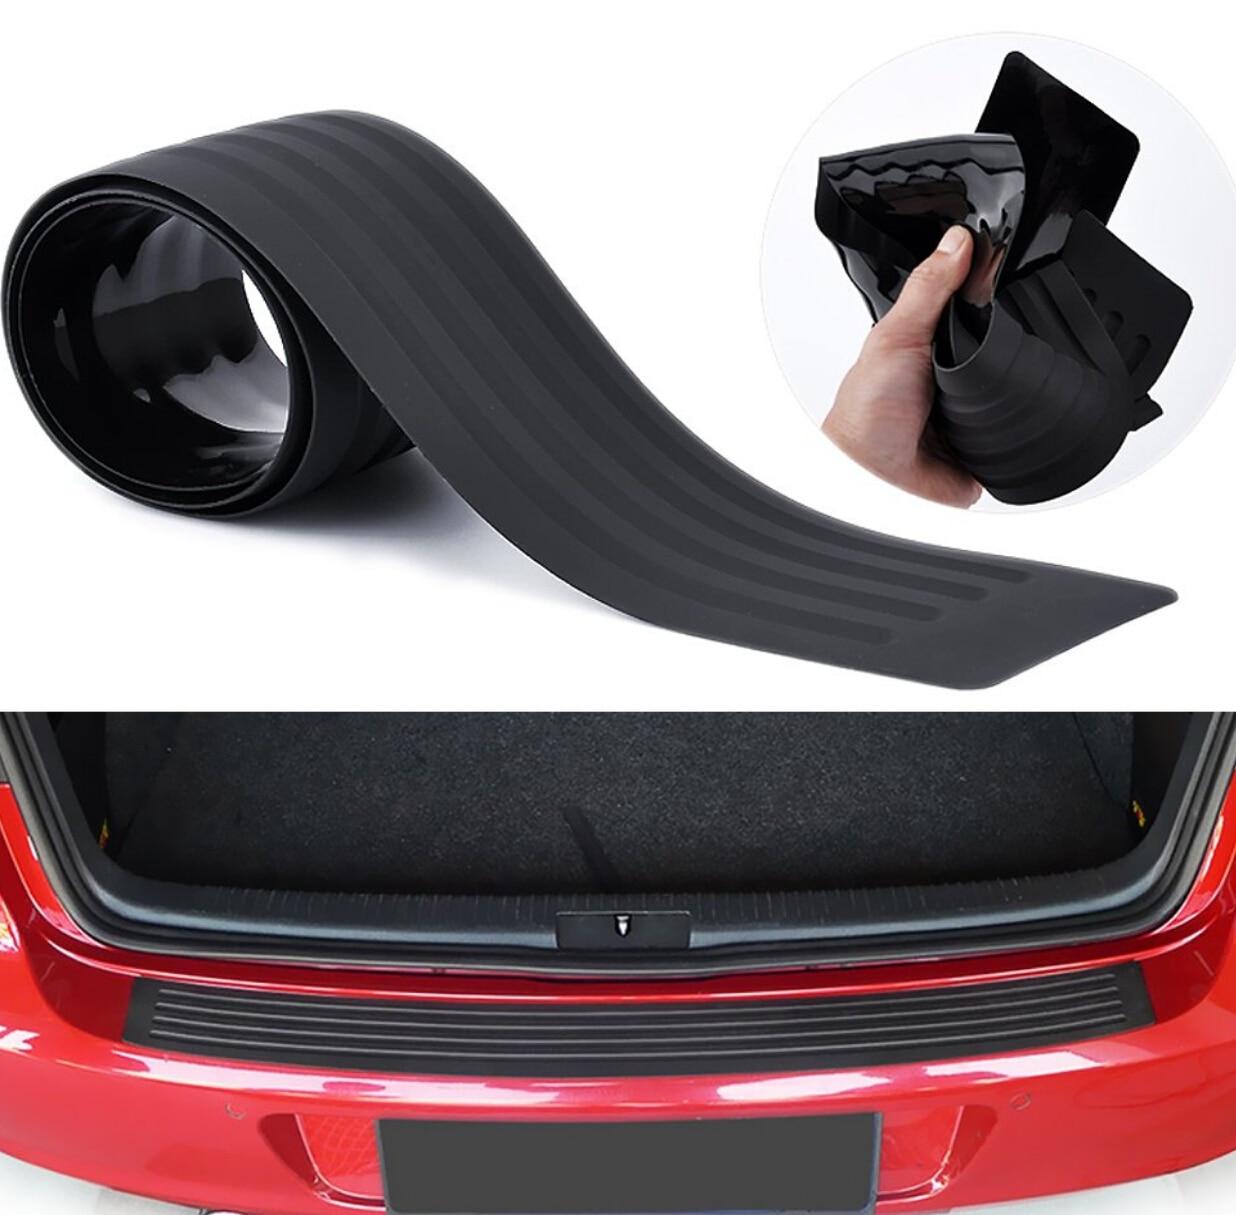 Задний защитный бампер, протектор 2019 Горячие автомобильные аксессуары для автомобиля Стайлинг Горячий Новый для DACIA SANDERO STEPWAY Dokker Logan, duster Lodgy|Дискодержатель|   | АлиЭкспресс